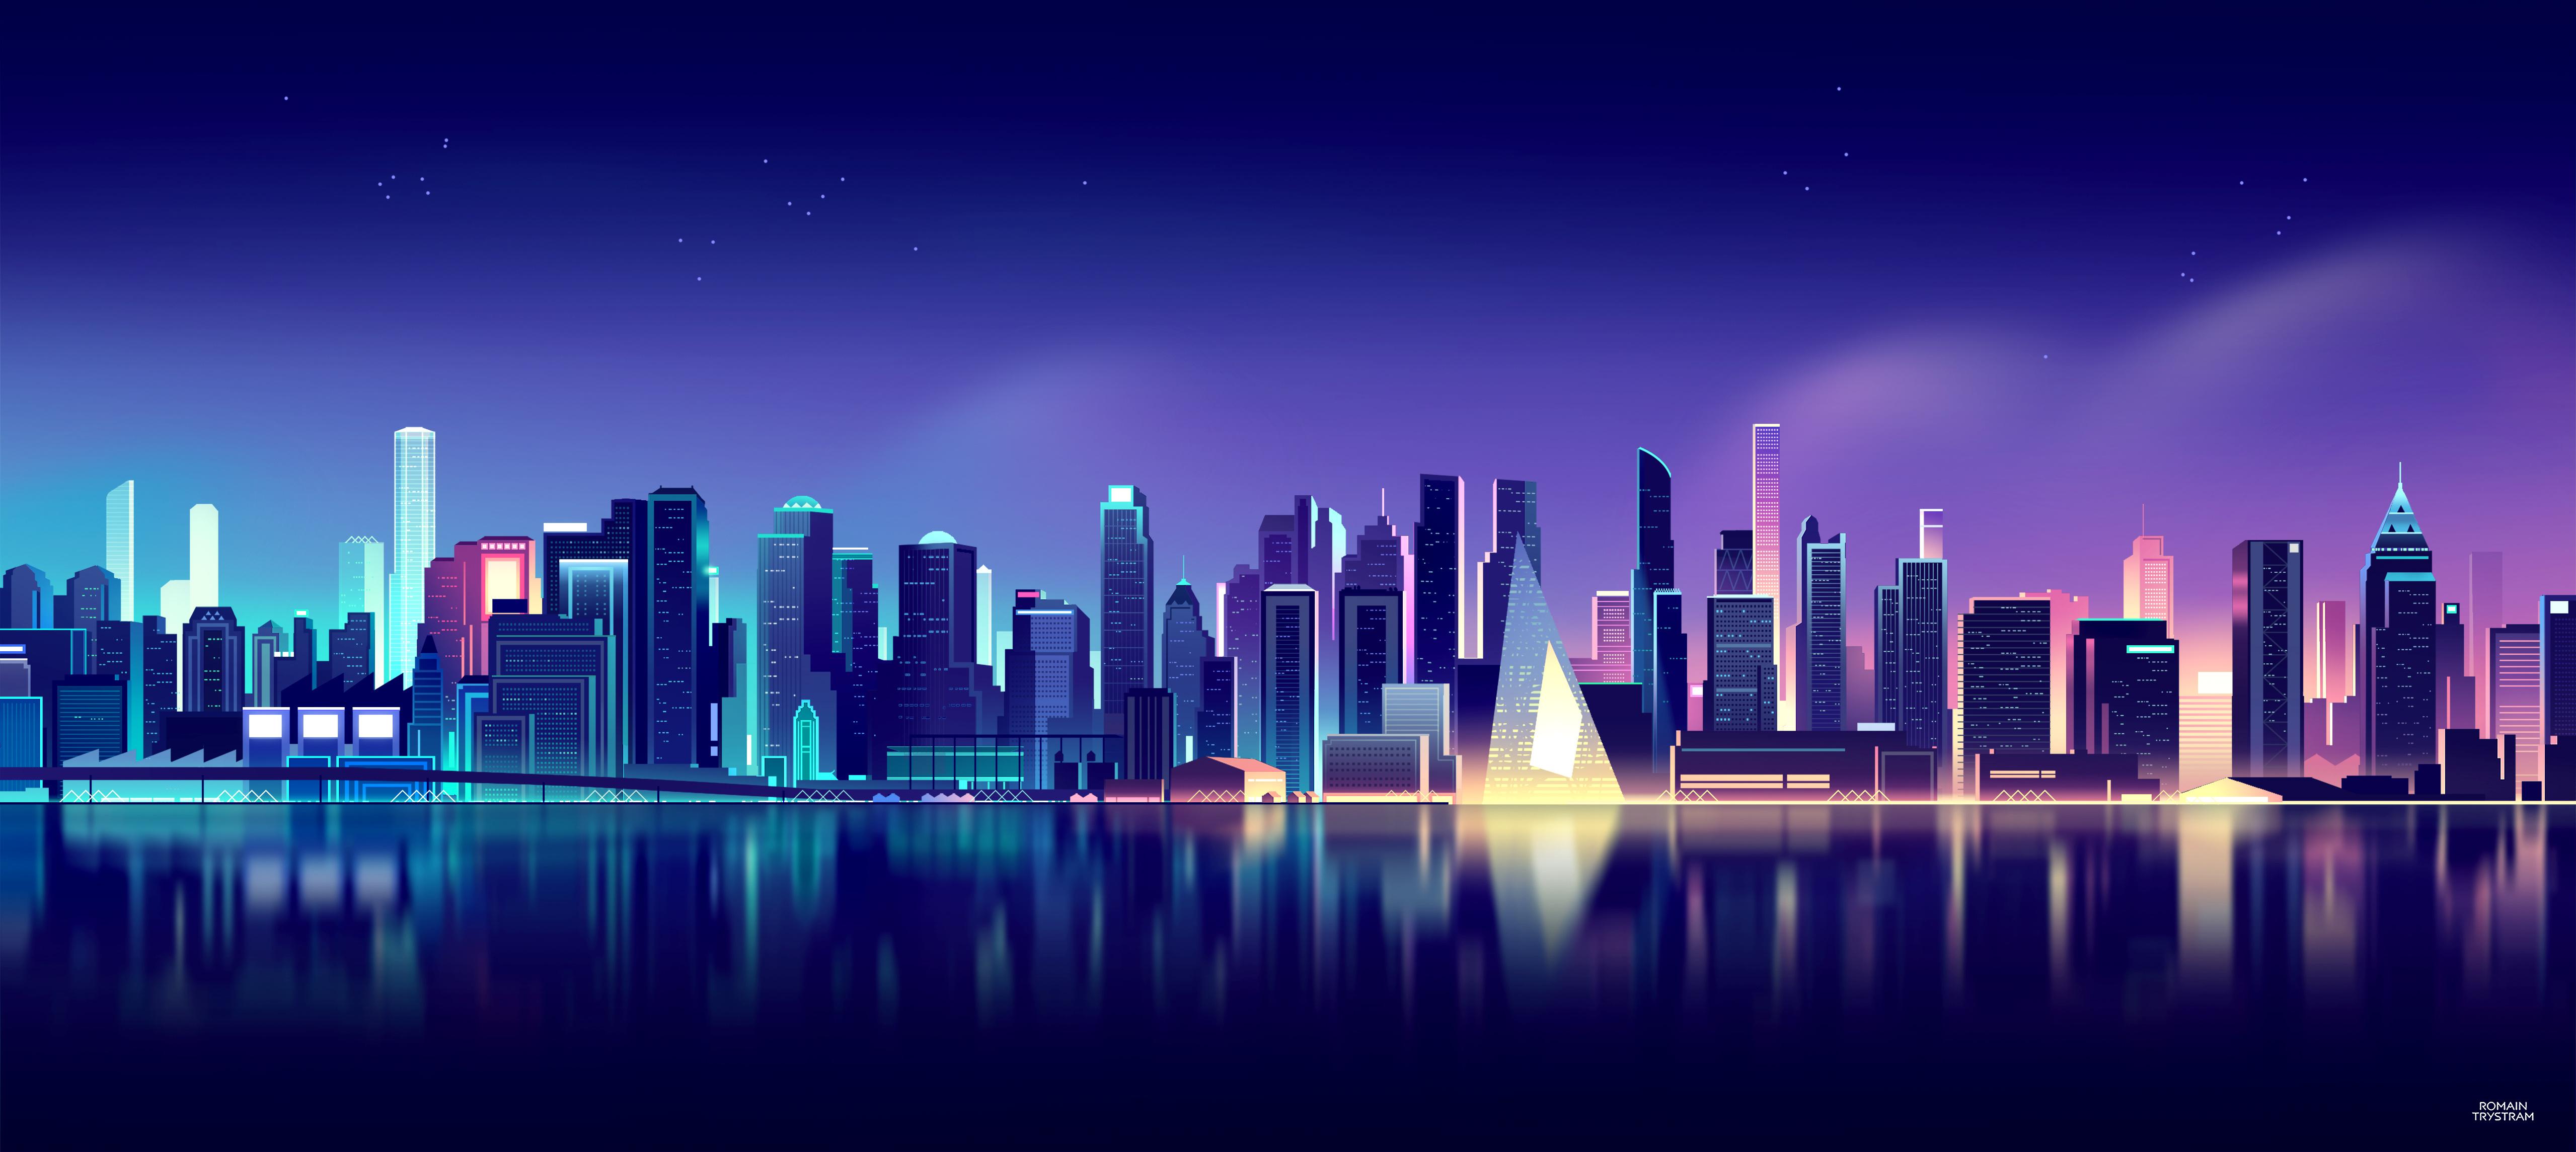 Cityscape Wallpaper 4k Neon Skyline Aesthetic Reflections 5k World 248